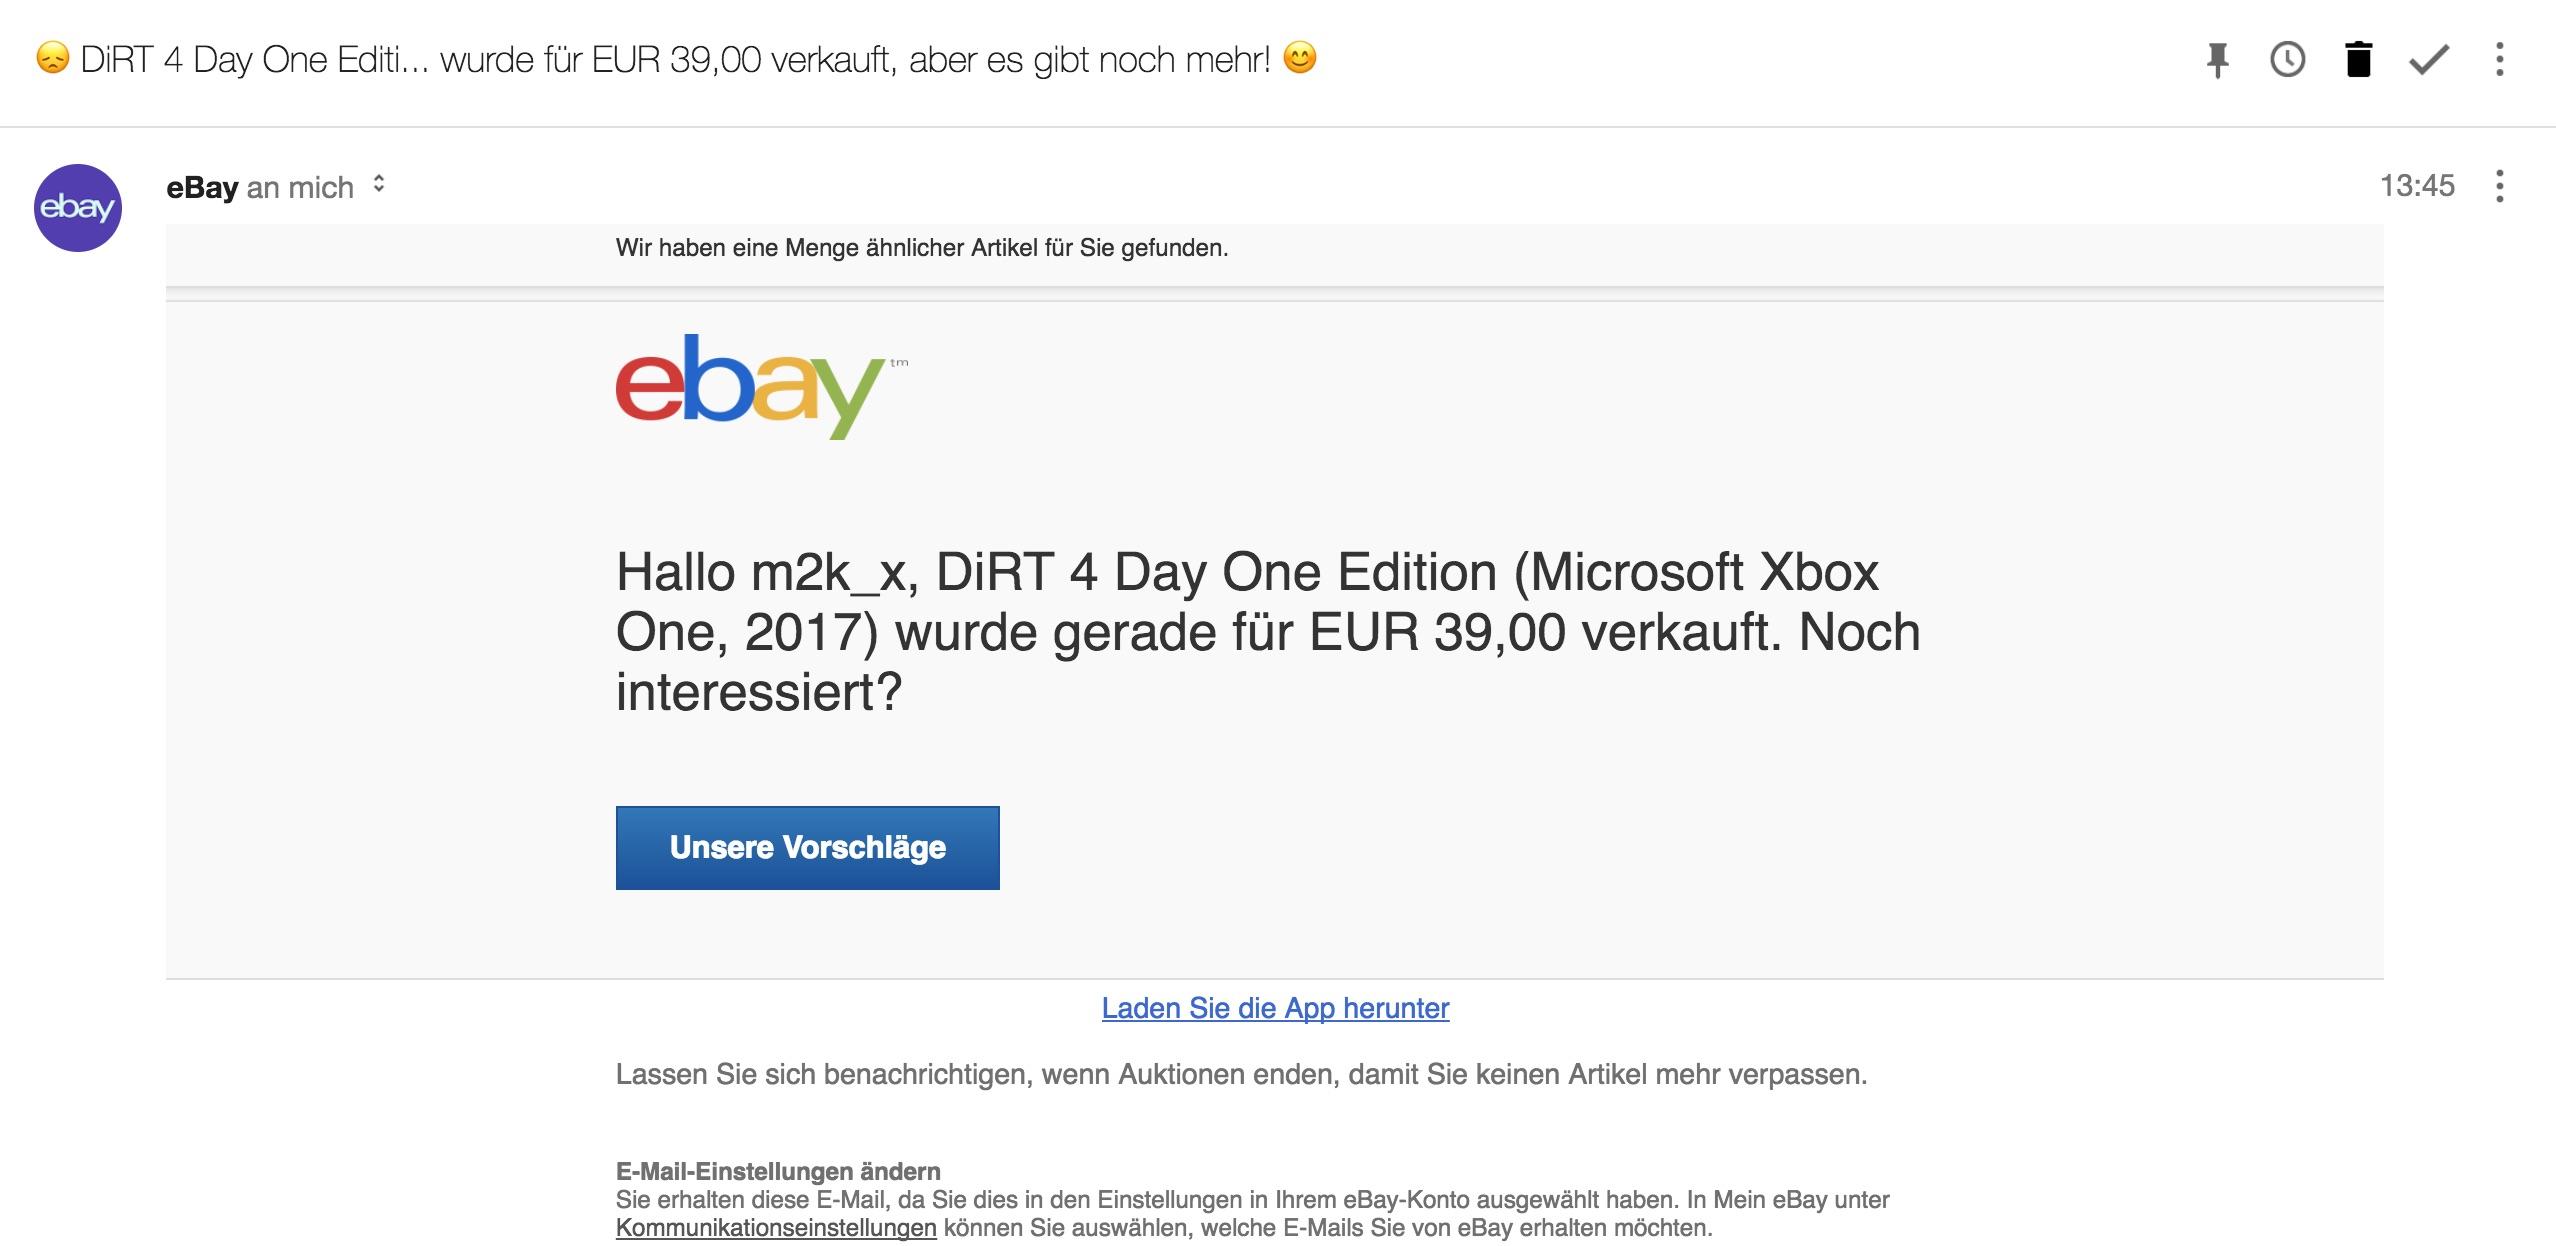 Benachrichtigung Deaktivieren Bla Wurde Gerade Ebay Community